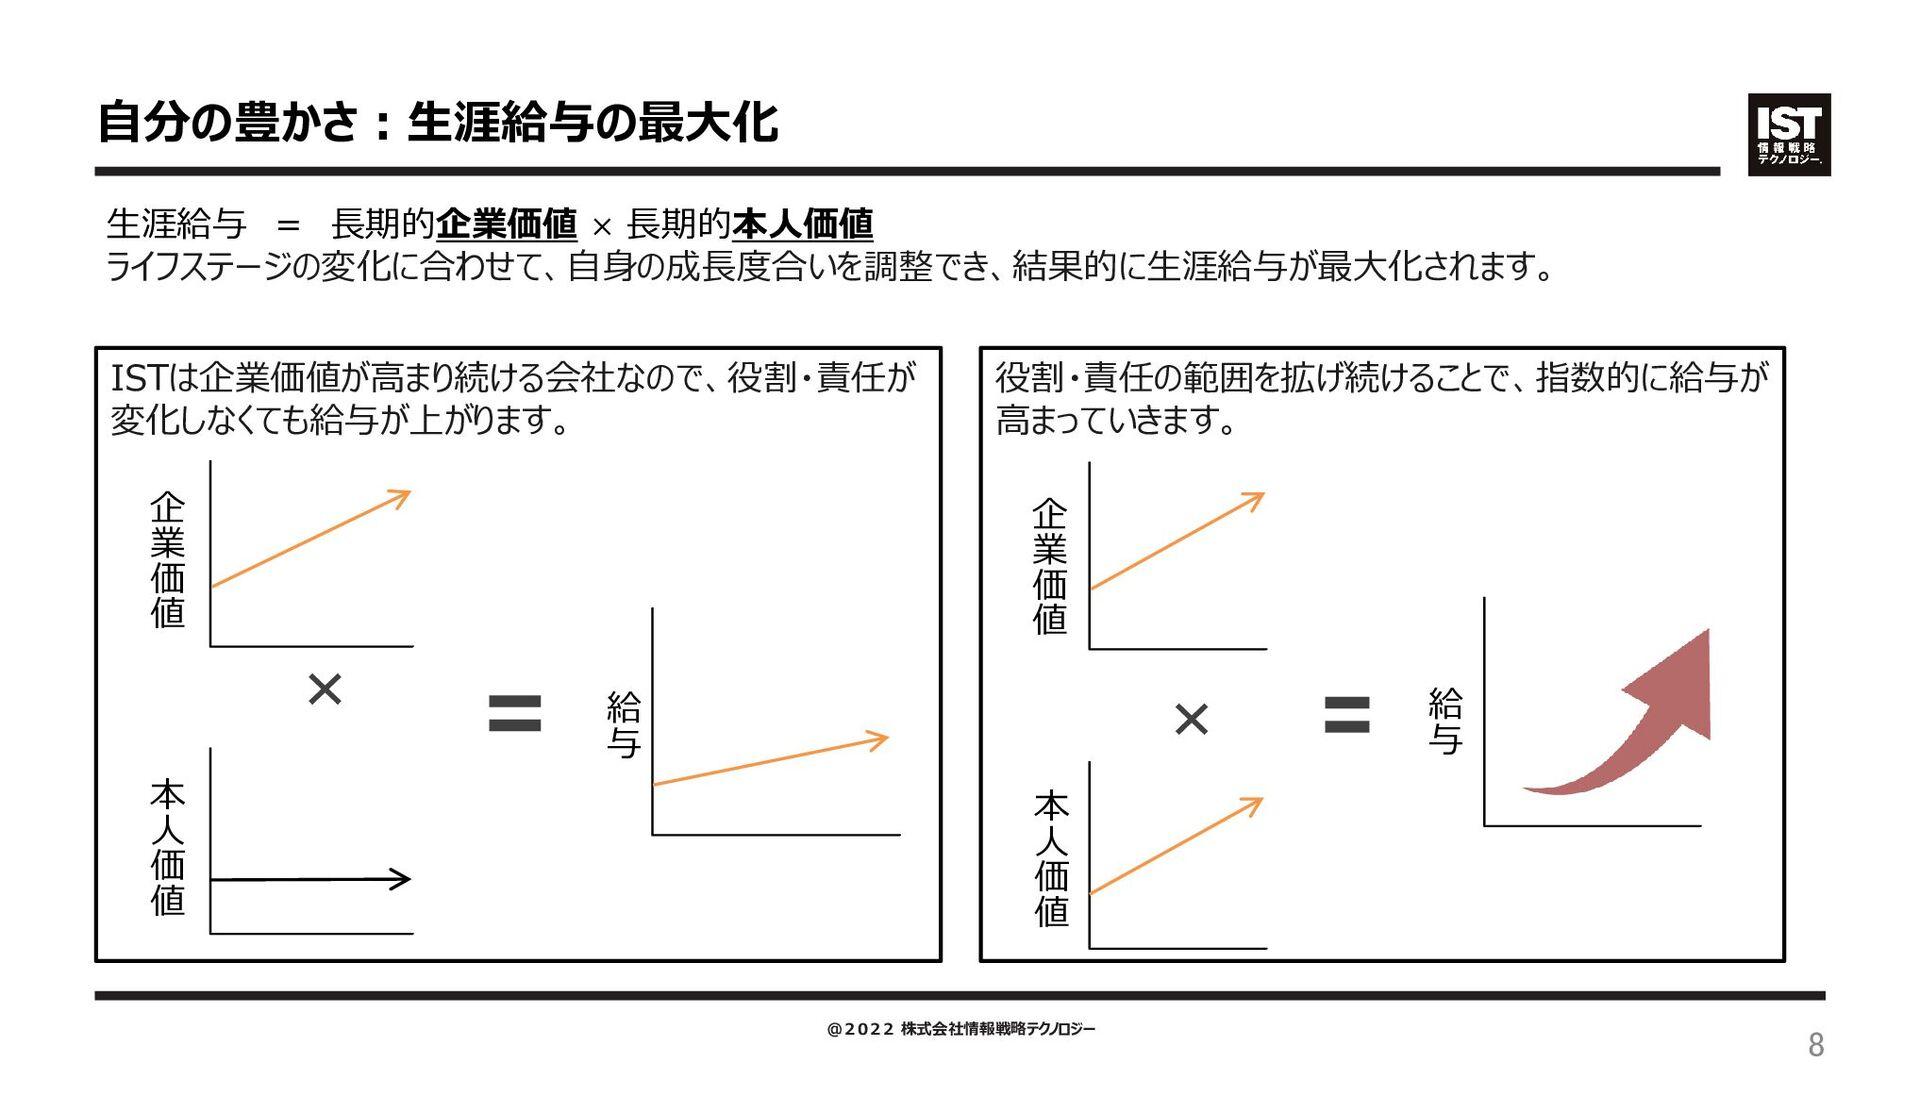 需要、伸びています。コロナ禍を乗り切り12期連続増収中。 【参照】10年以上増収を続ける上場企...